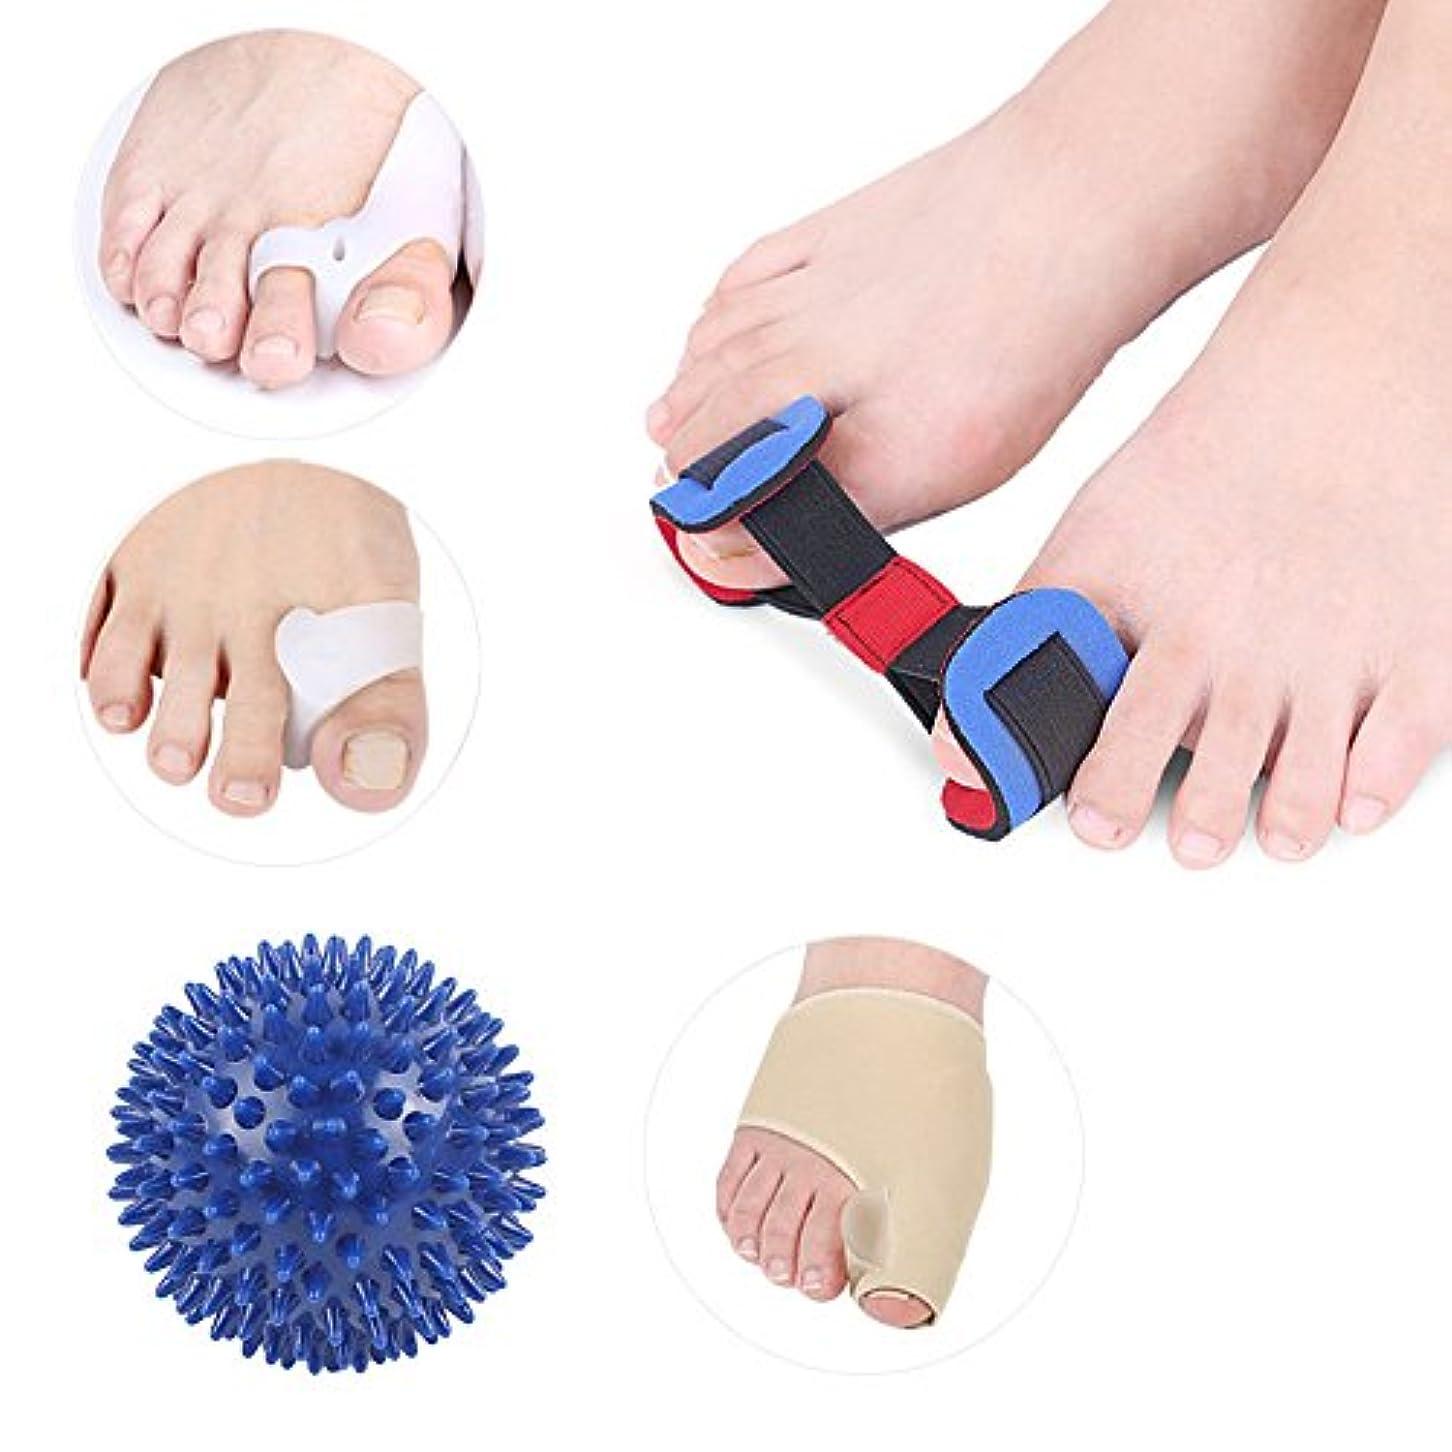 ダウンリア王生きている癒合矯正具、足の親指矯正Hallux外反夜、腱膜炎スプリント、足指セパレーター、腱膜リリーフプロテクタースリーブキット - 足関節の痛みの治療、スペーサ矯正補助手術